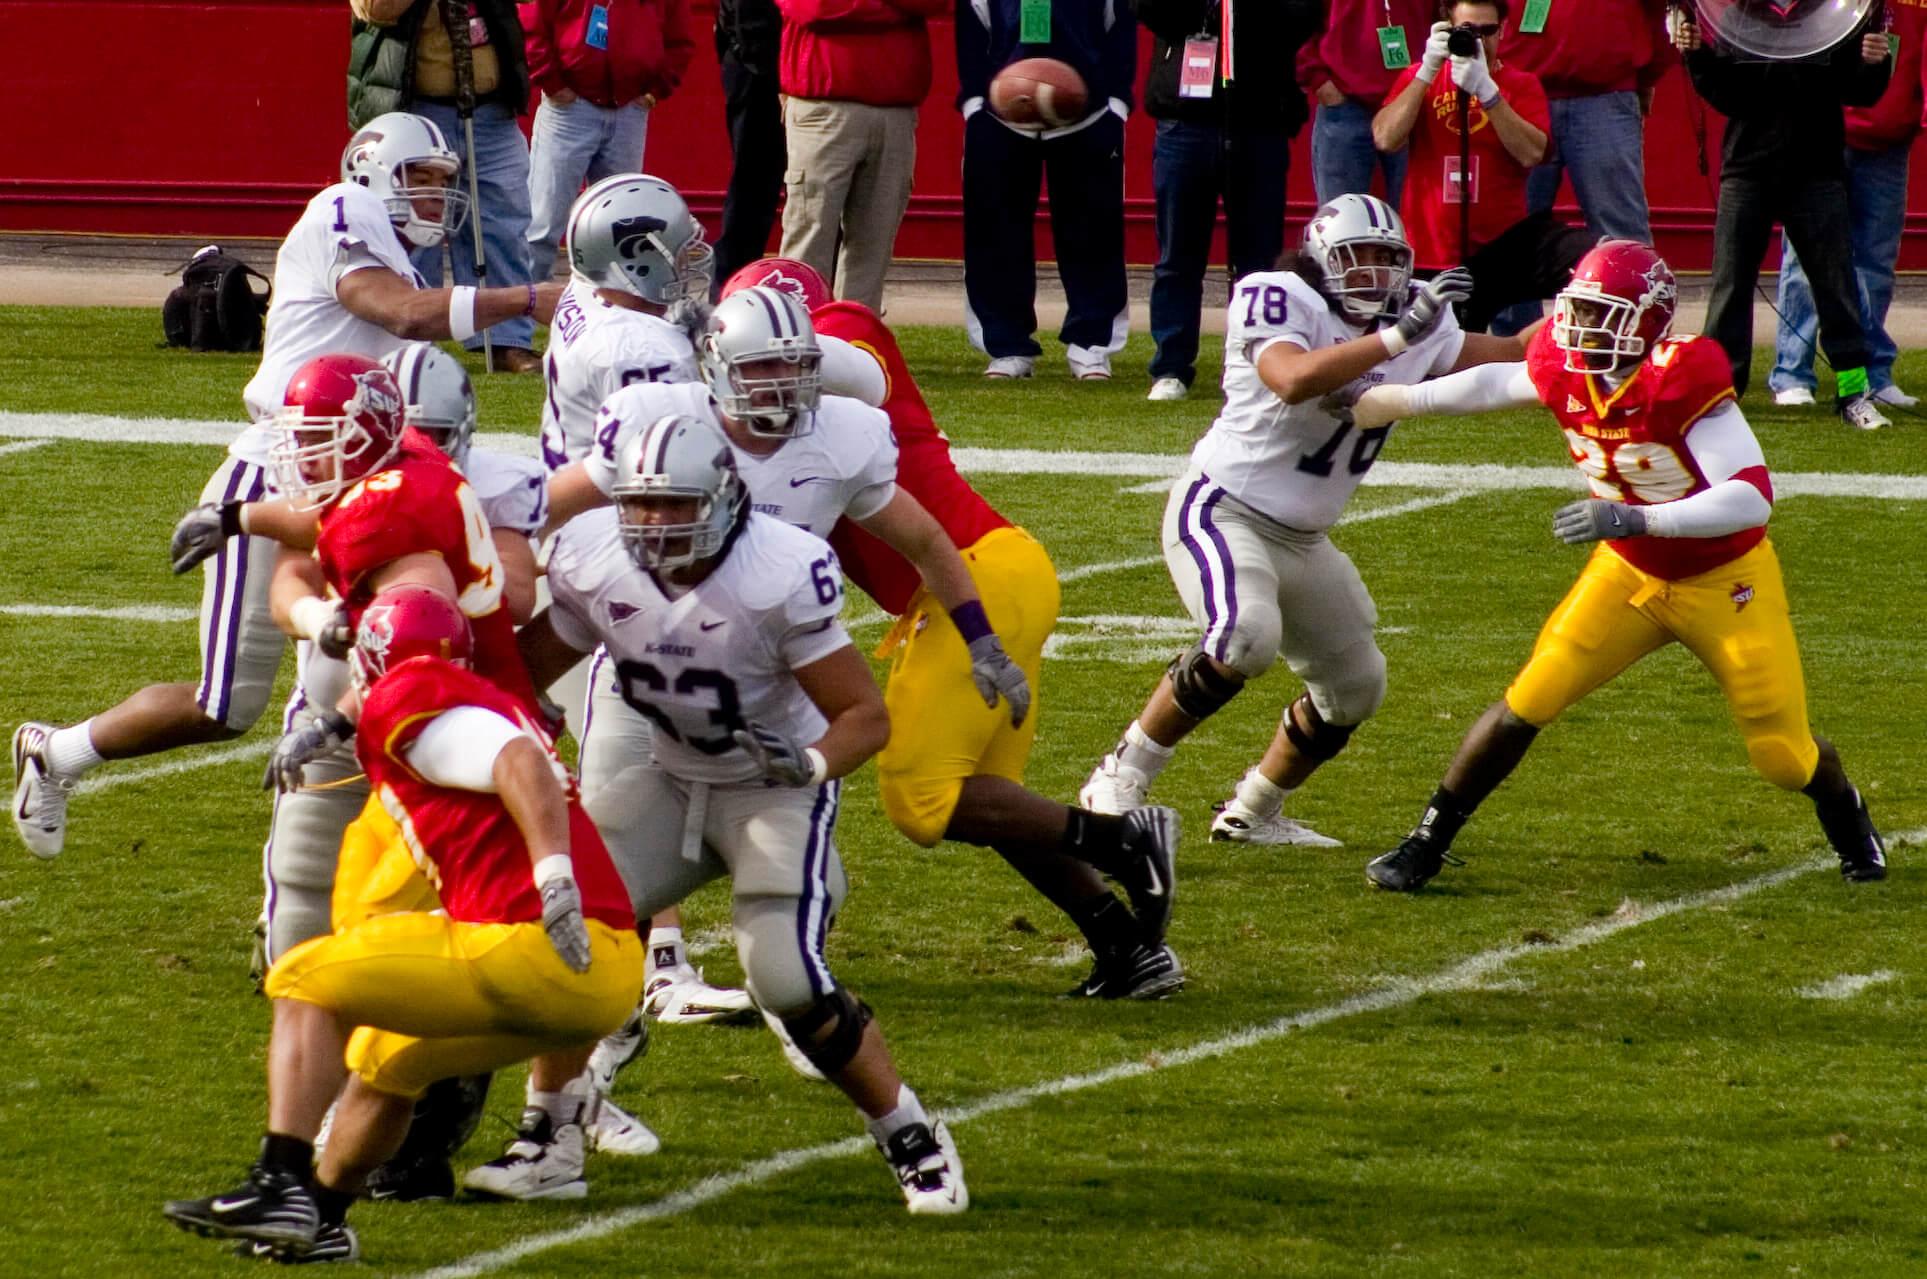 Iowa State vs Kansas State Farmageddon rivalry